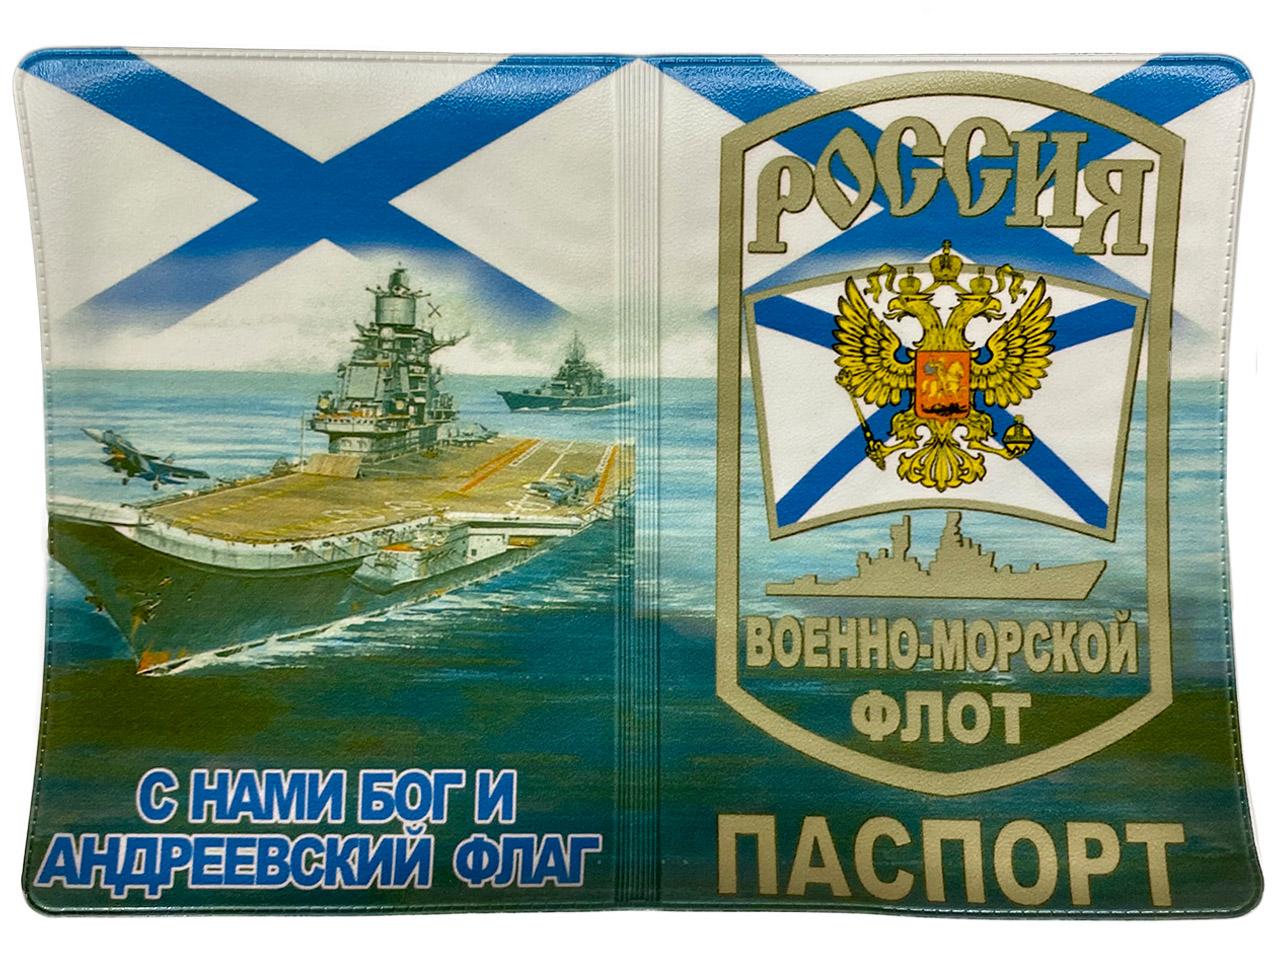 Обложка на Паспорт с Андреевским флагом ВМФ России